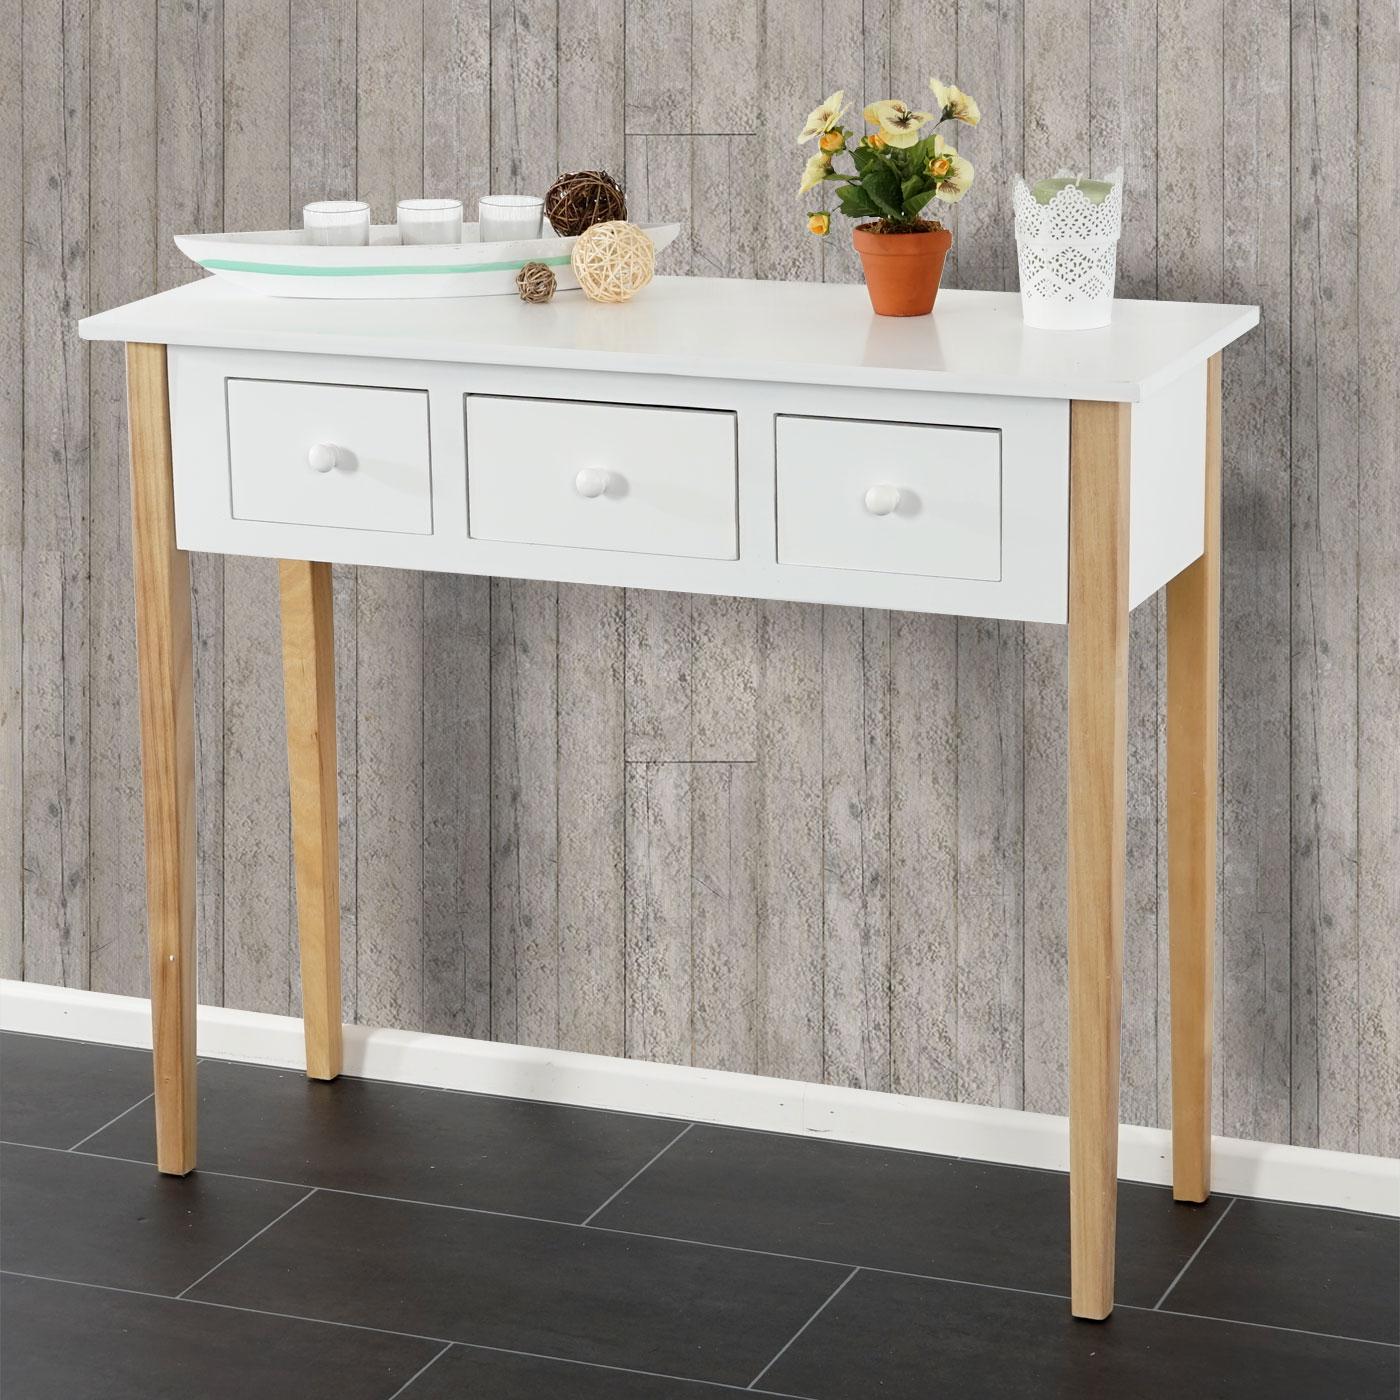 kommode malm t266 beistelltisch schrank retro design 77x90x34cm blau wei ebay. Black Bedroom Furniture Sets. Home Design Ideas